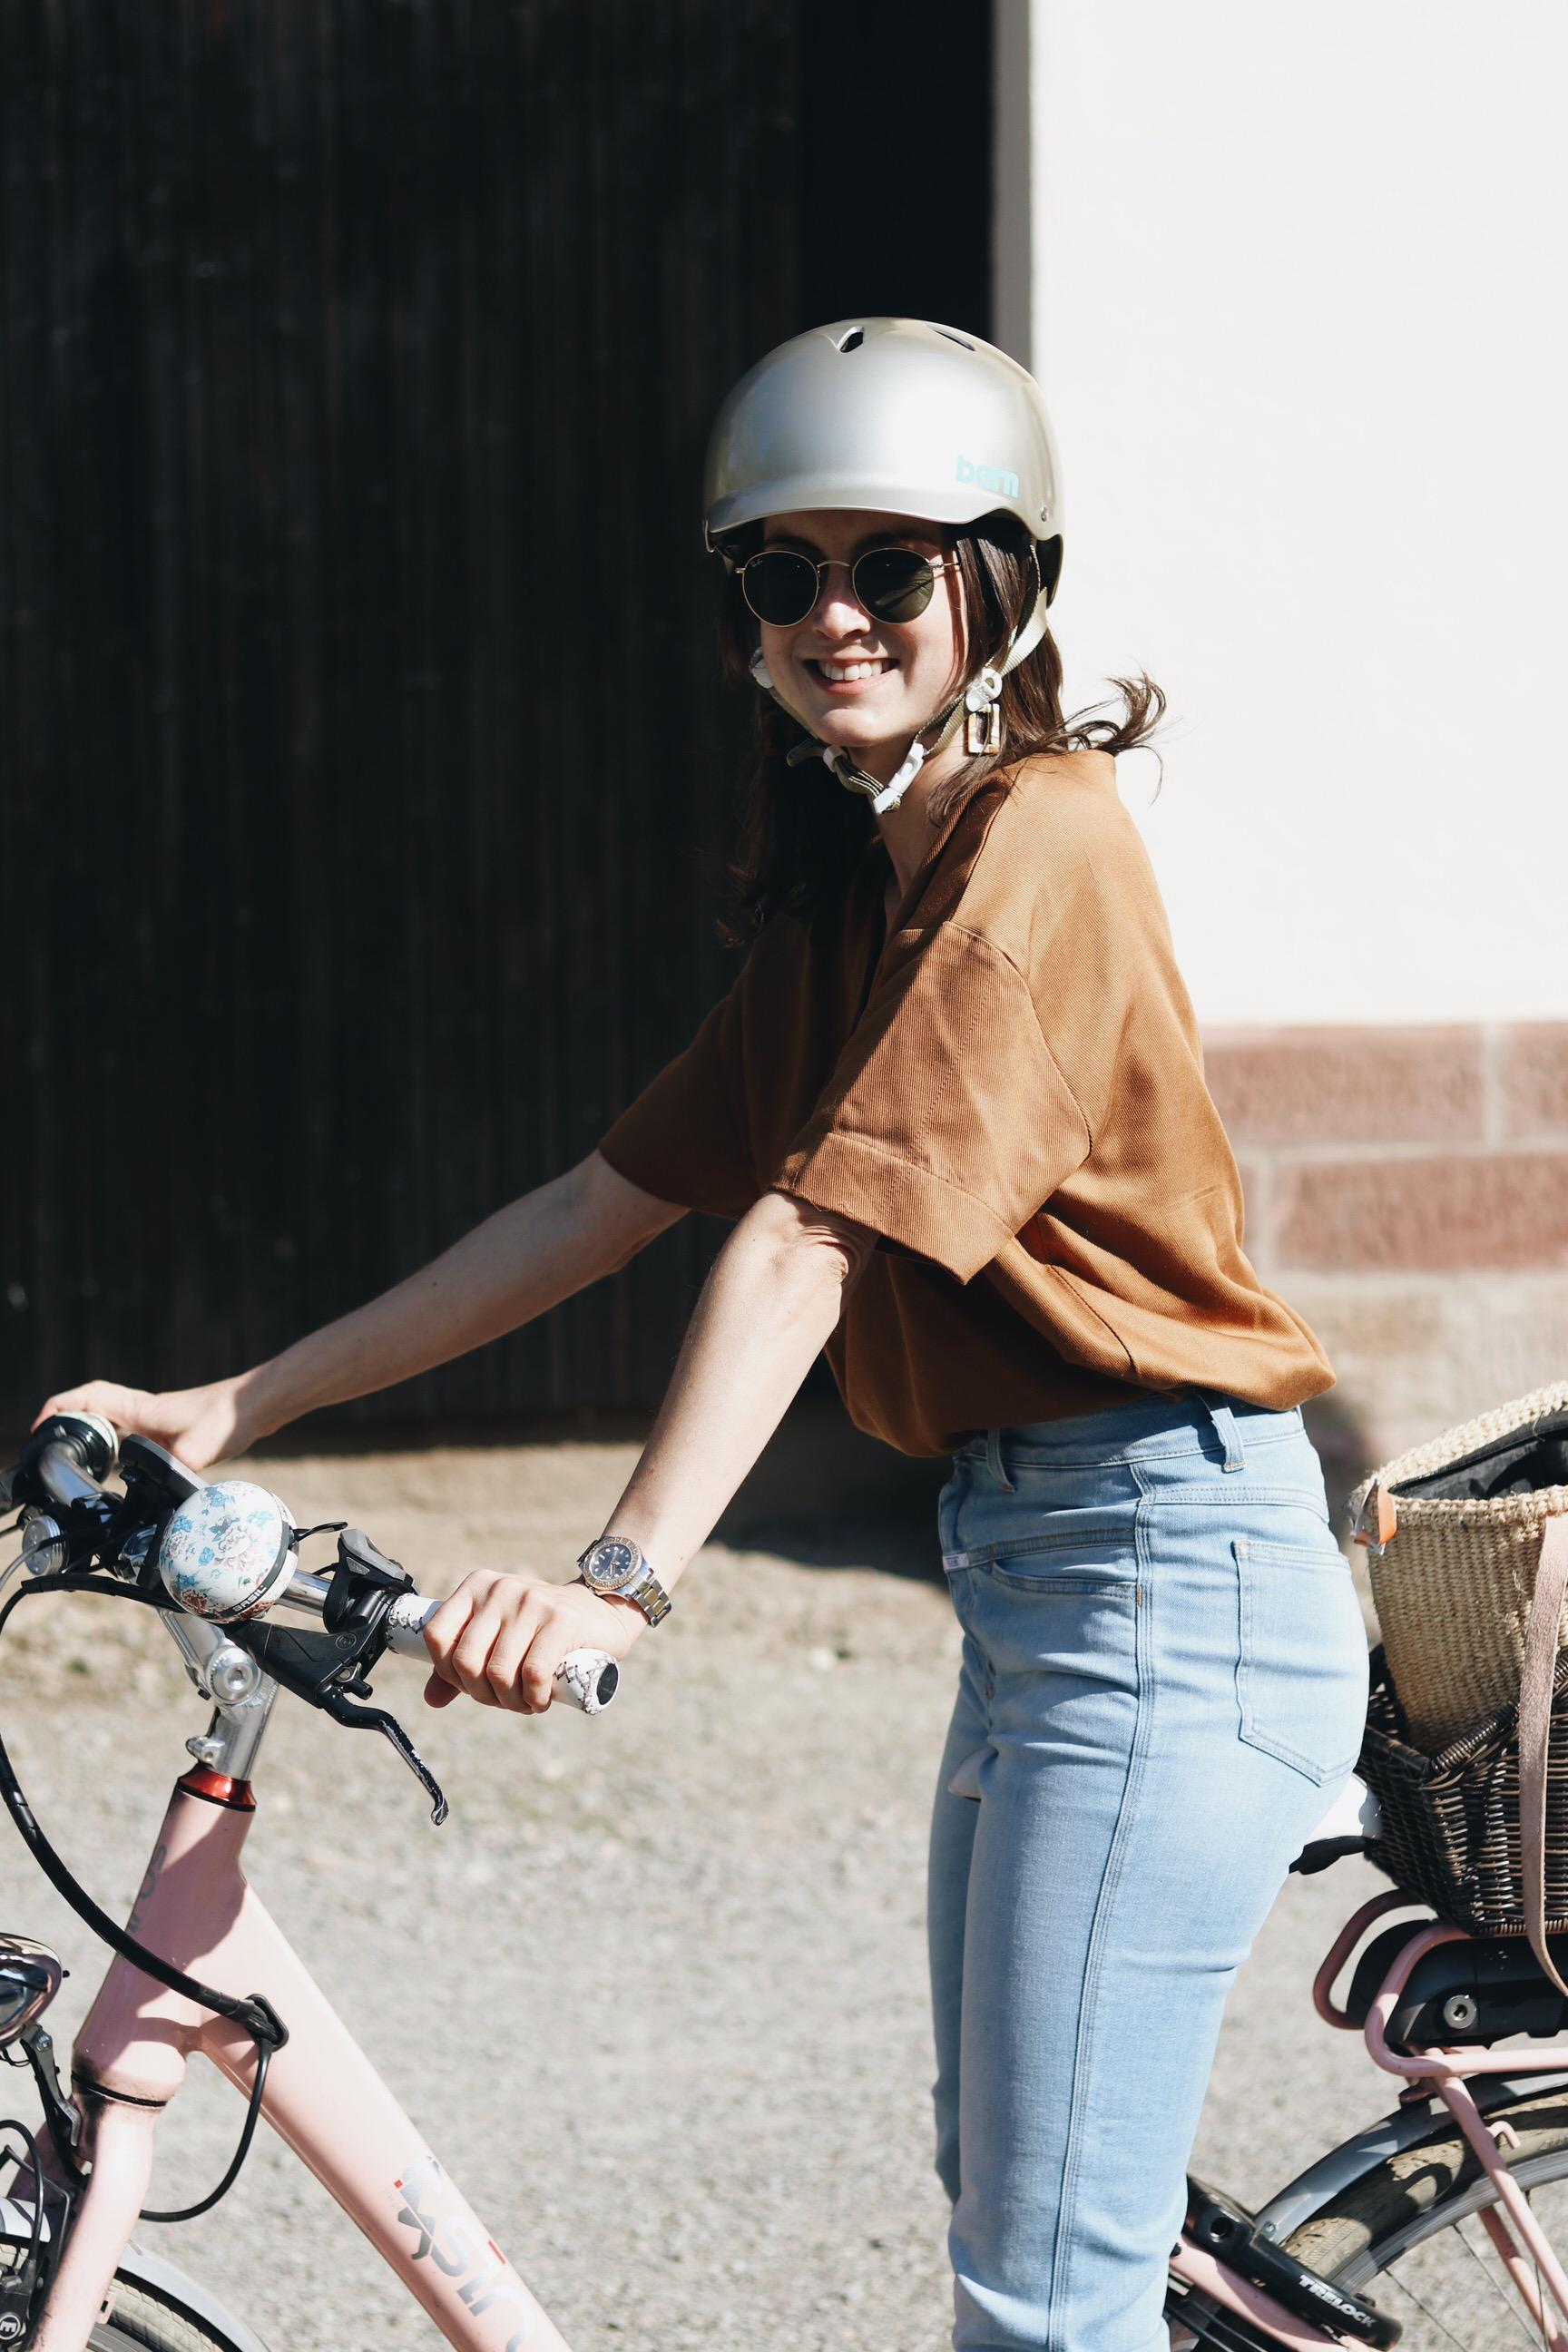 modischer fahrradhelm